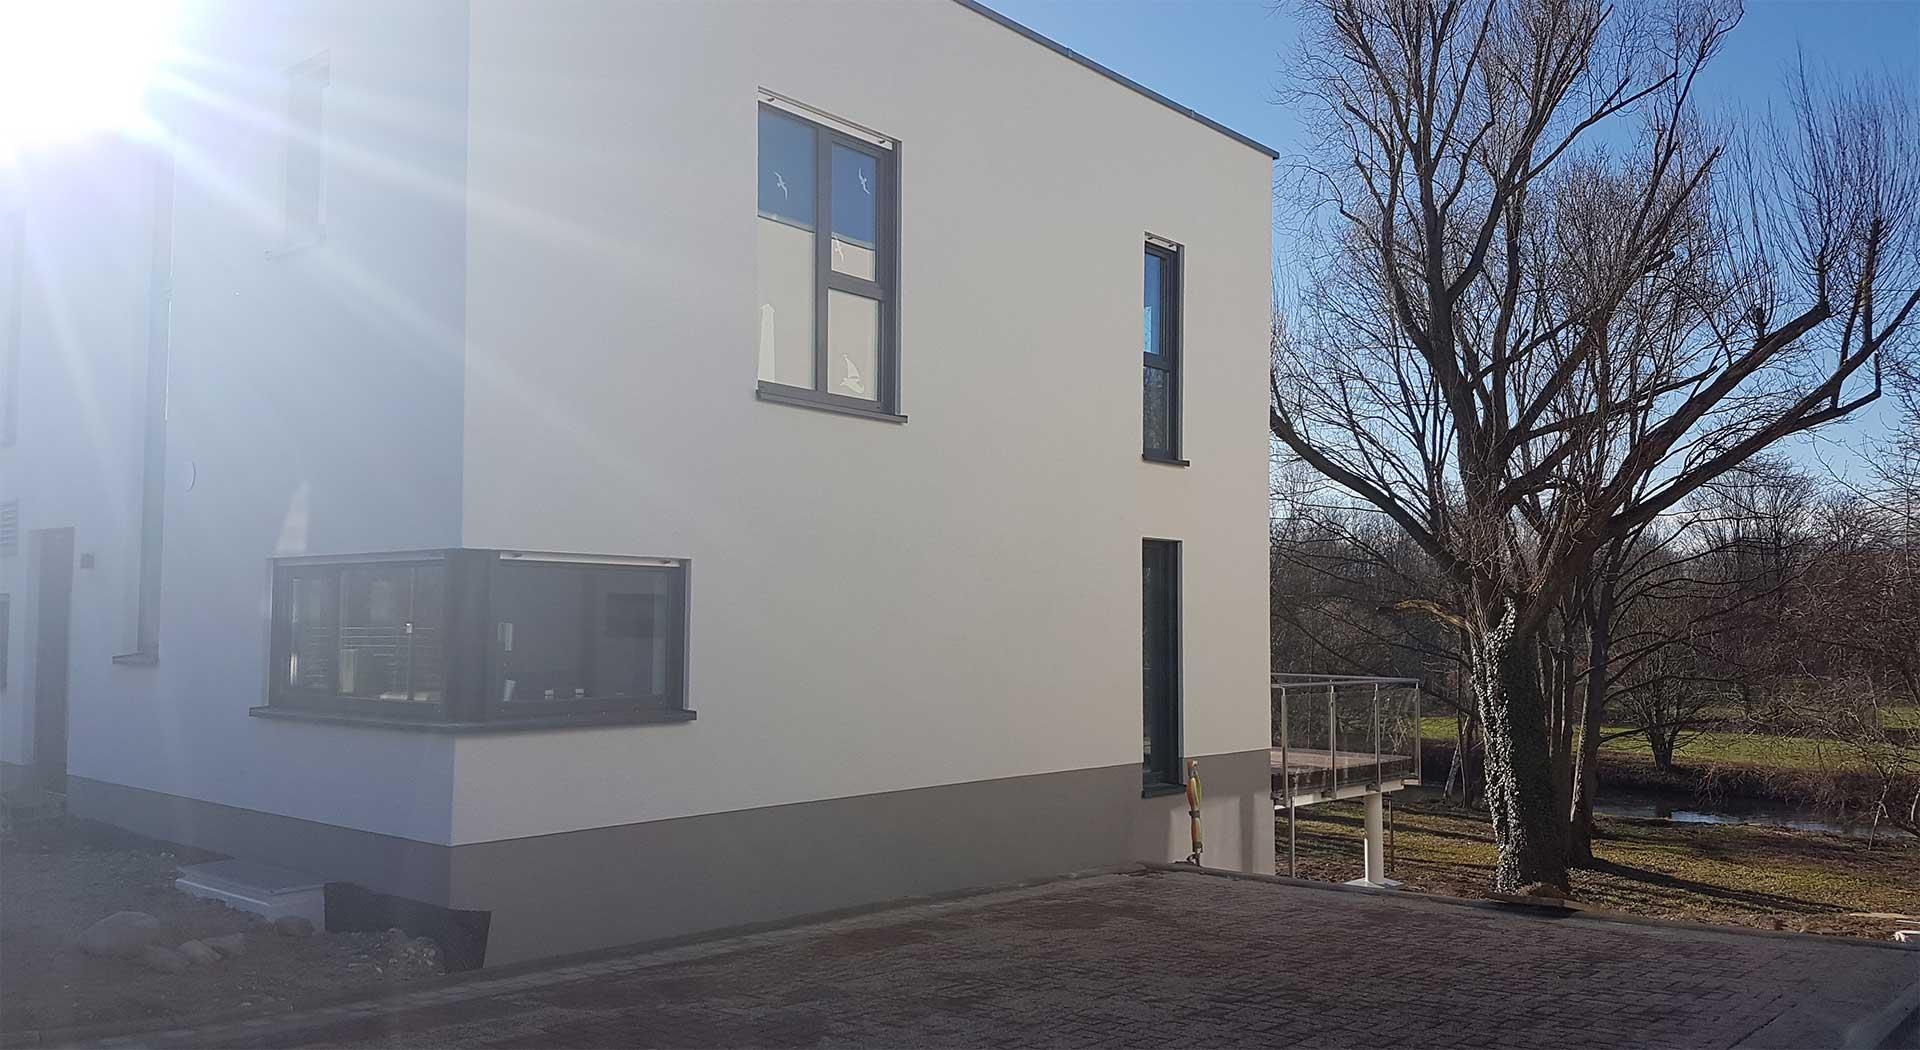 Hausübergabe in Leipzig – Den Sommer im neuen Zuhause genießen